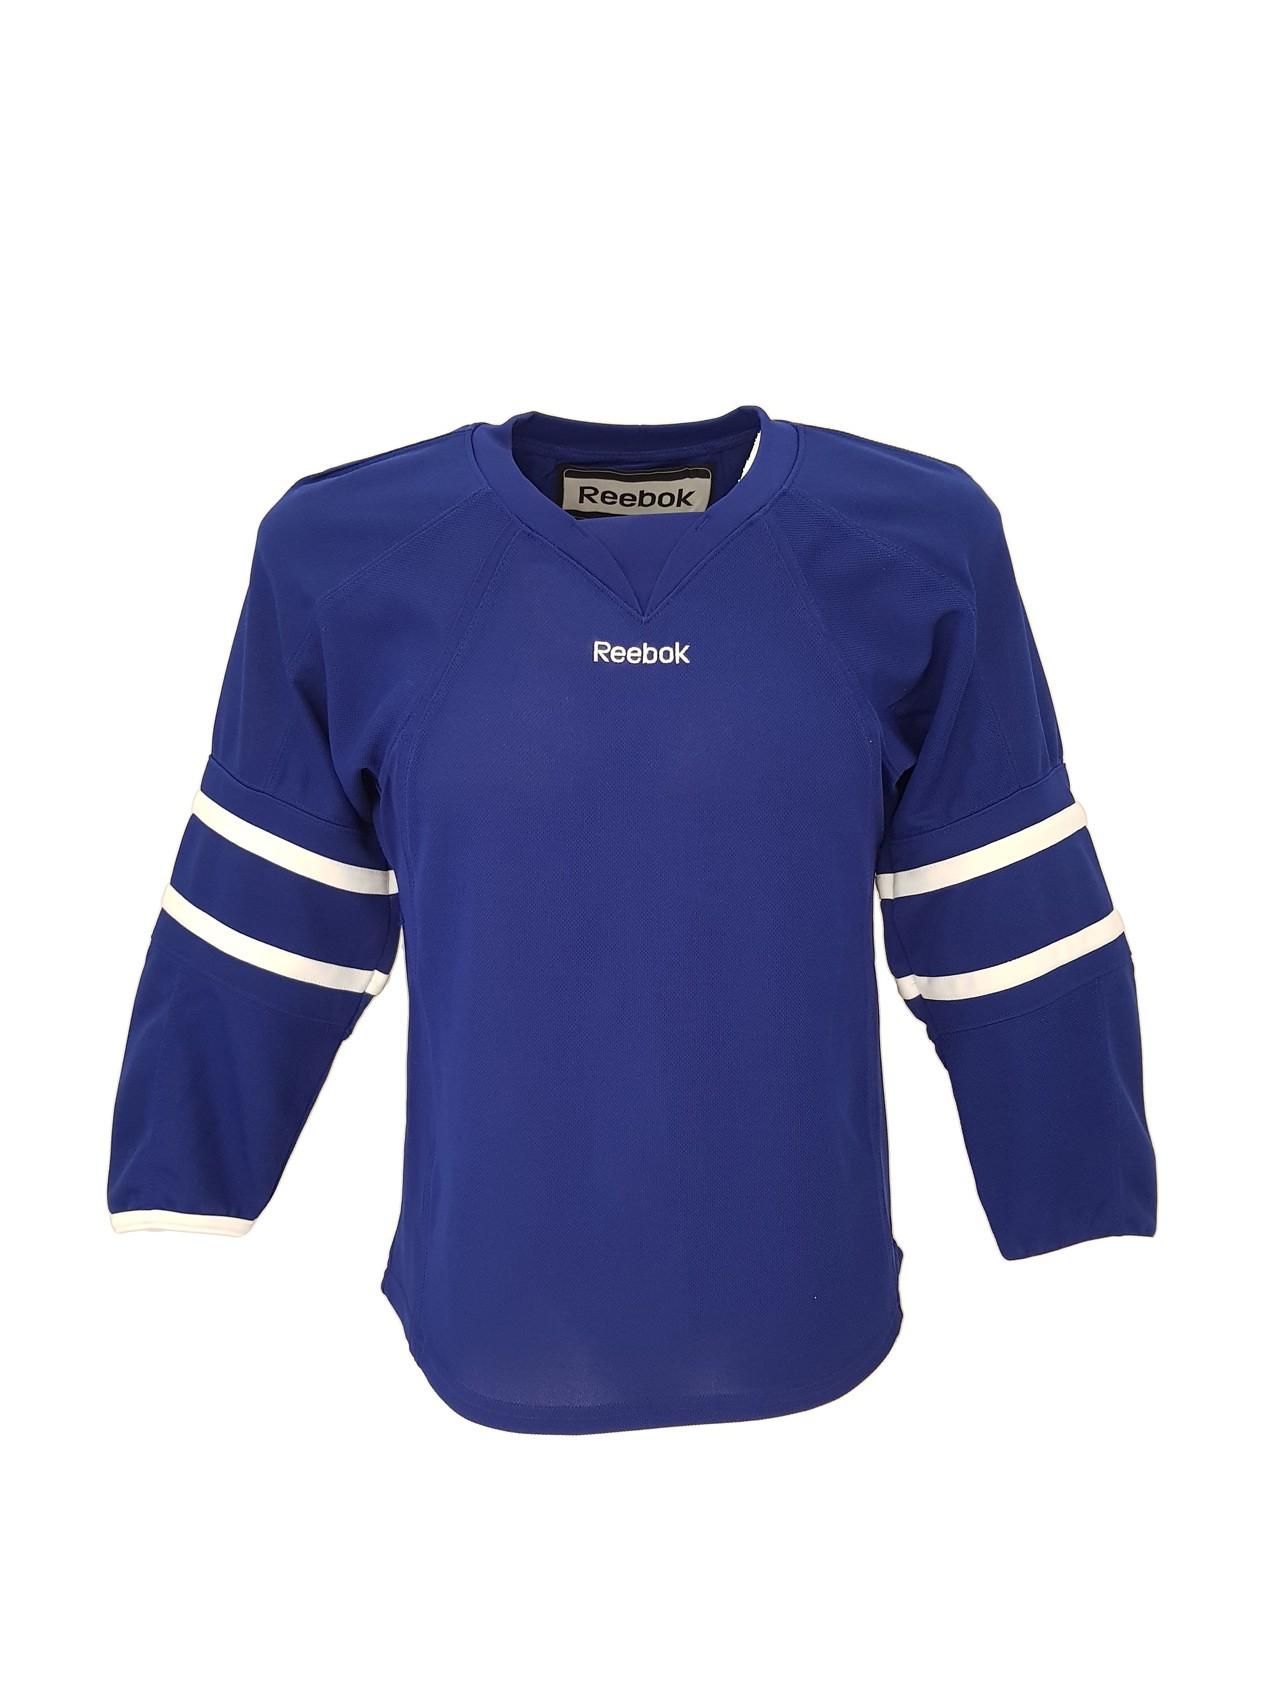 REEBOK Toronto Maple Leafs Edge Bērnu Spēļu Krekls (Mājas Spēļu)